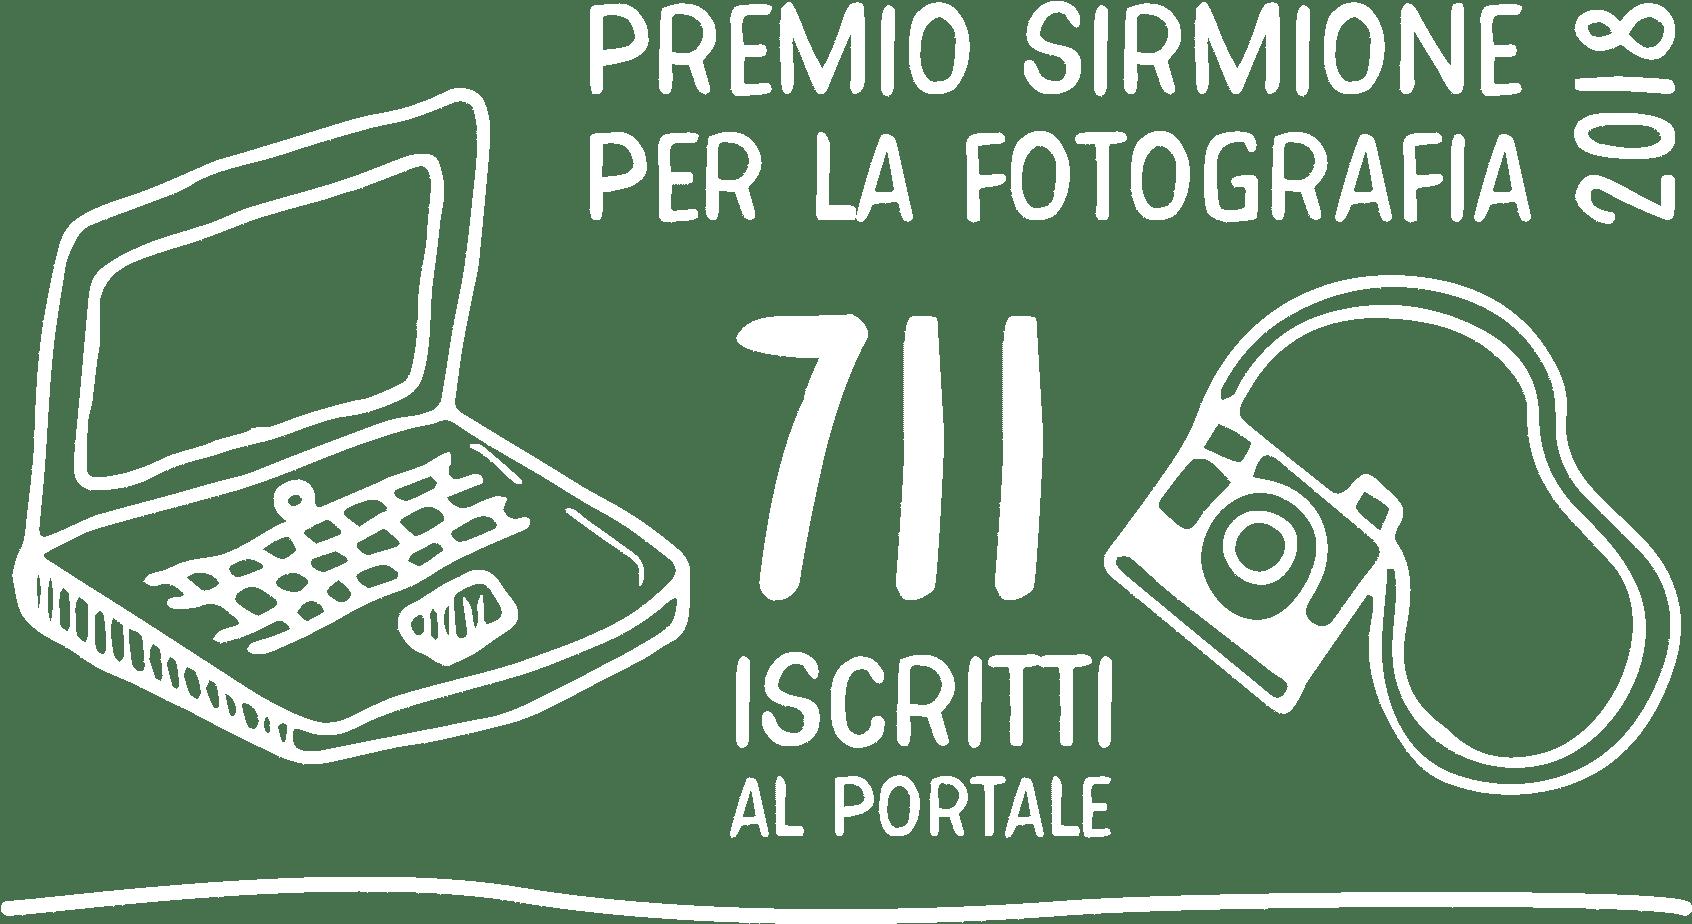 premio sirmione fotografia + 700 iscritti